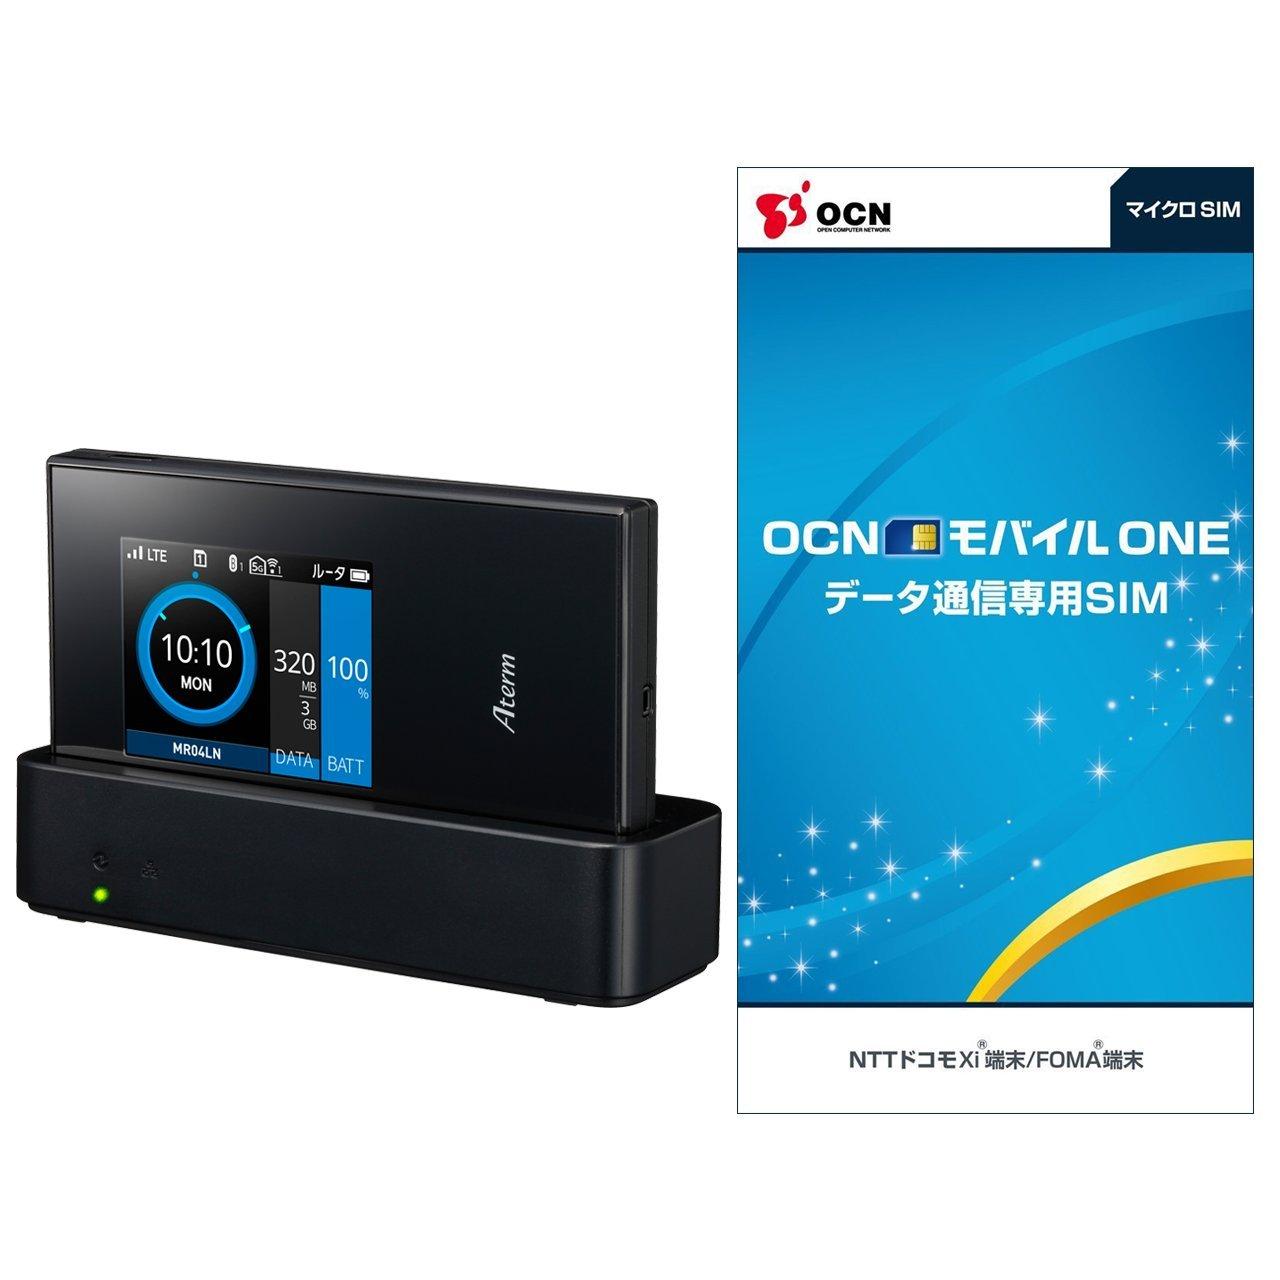 NEC Aterm MR04LN 3B モバイルルーター